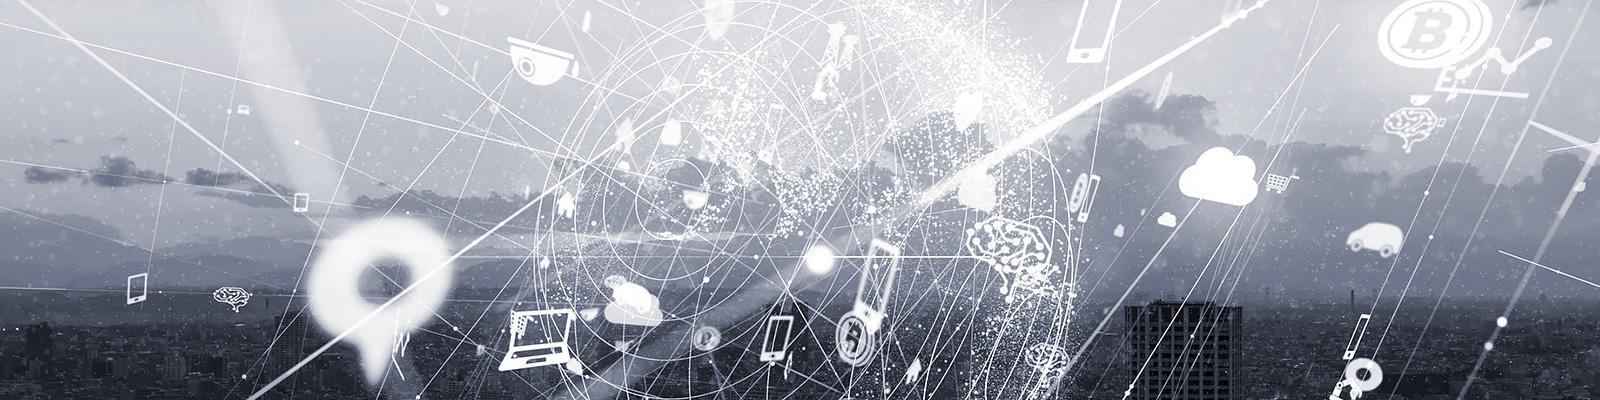 IoT クラウド ネットワーク イメージ